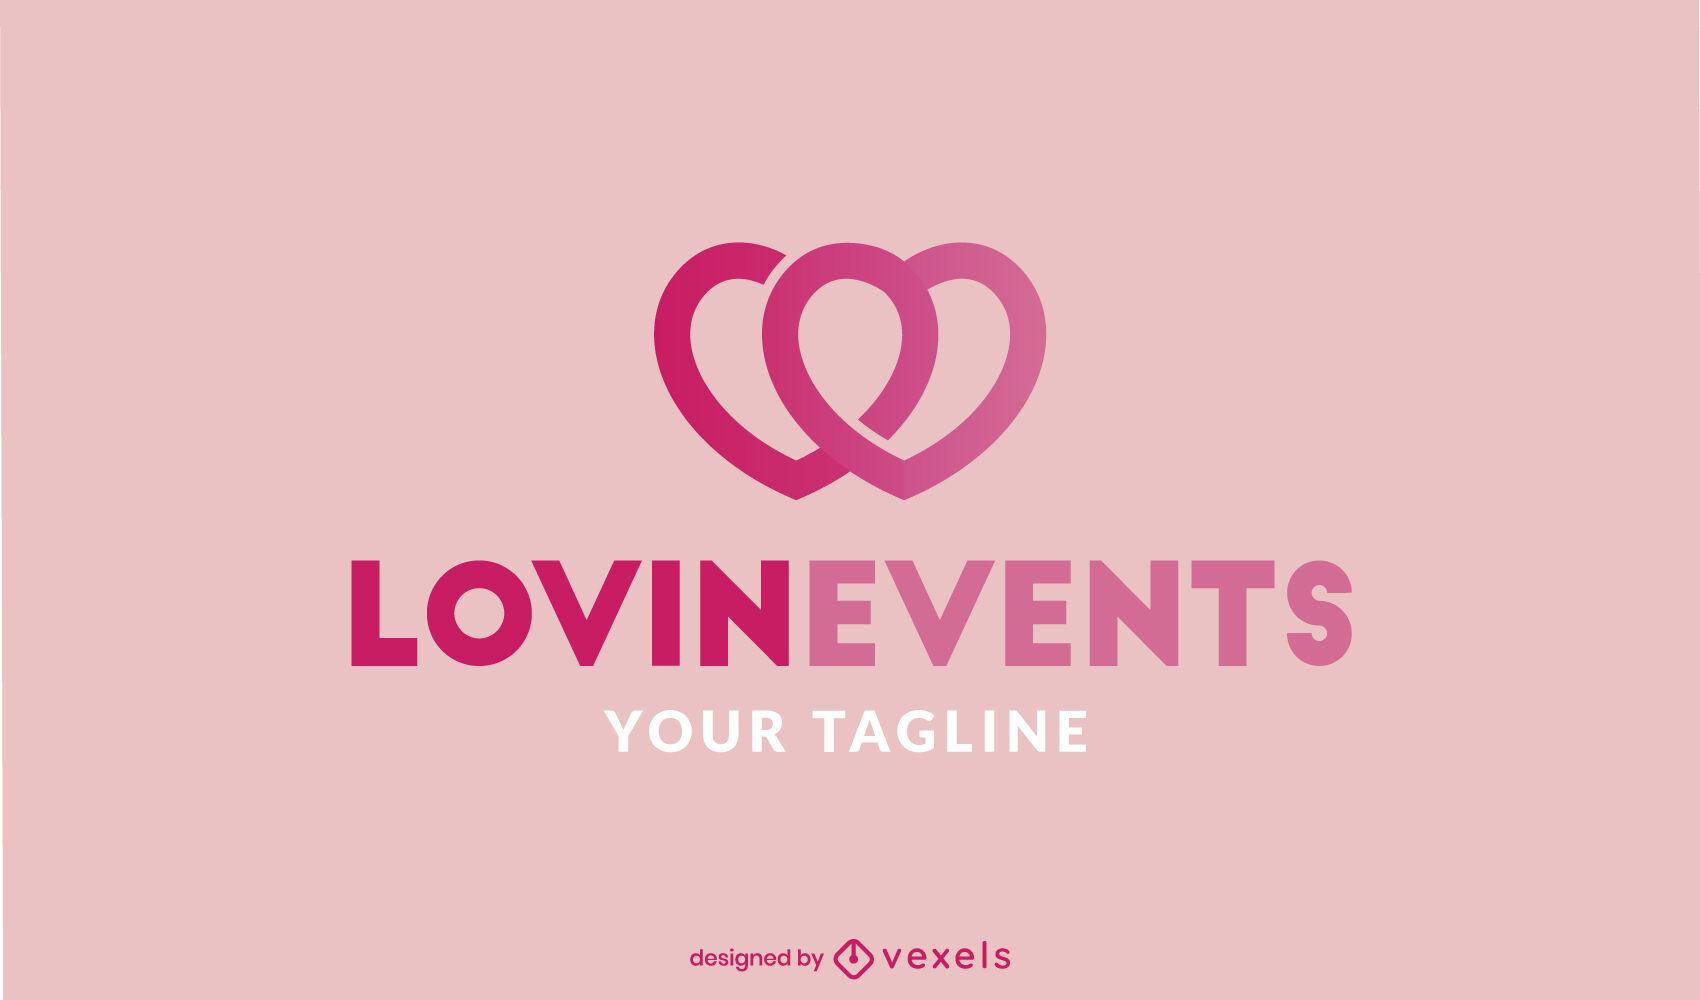 Plantilla de logotipo de trazo de amor de corazones dobles